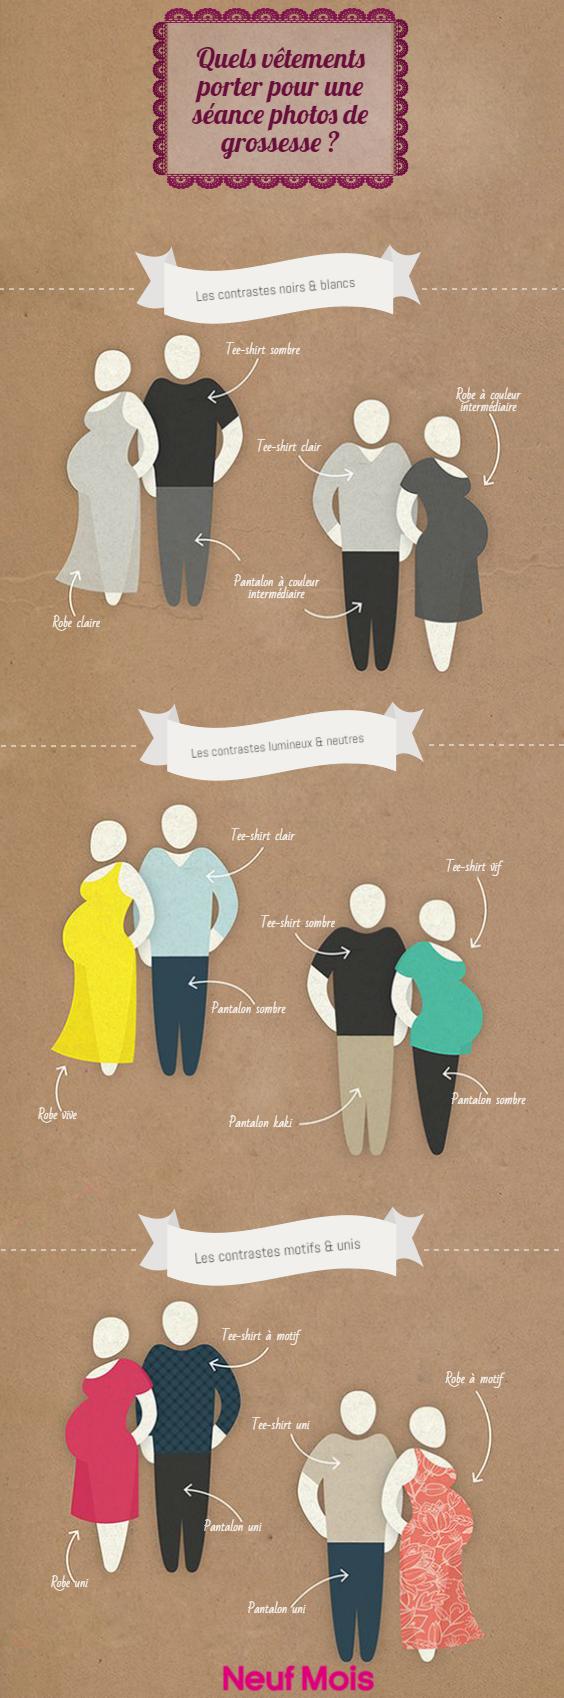 quel vetements pour seances photos de grossesse infographie